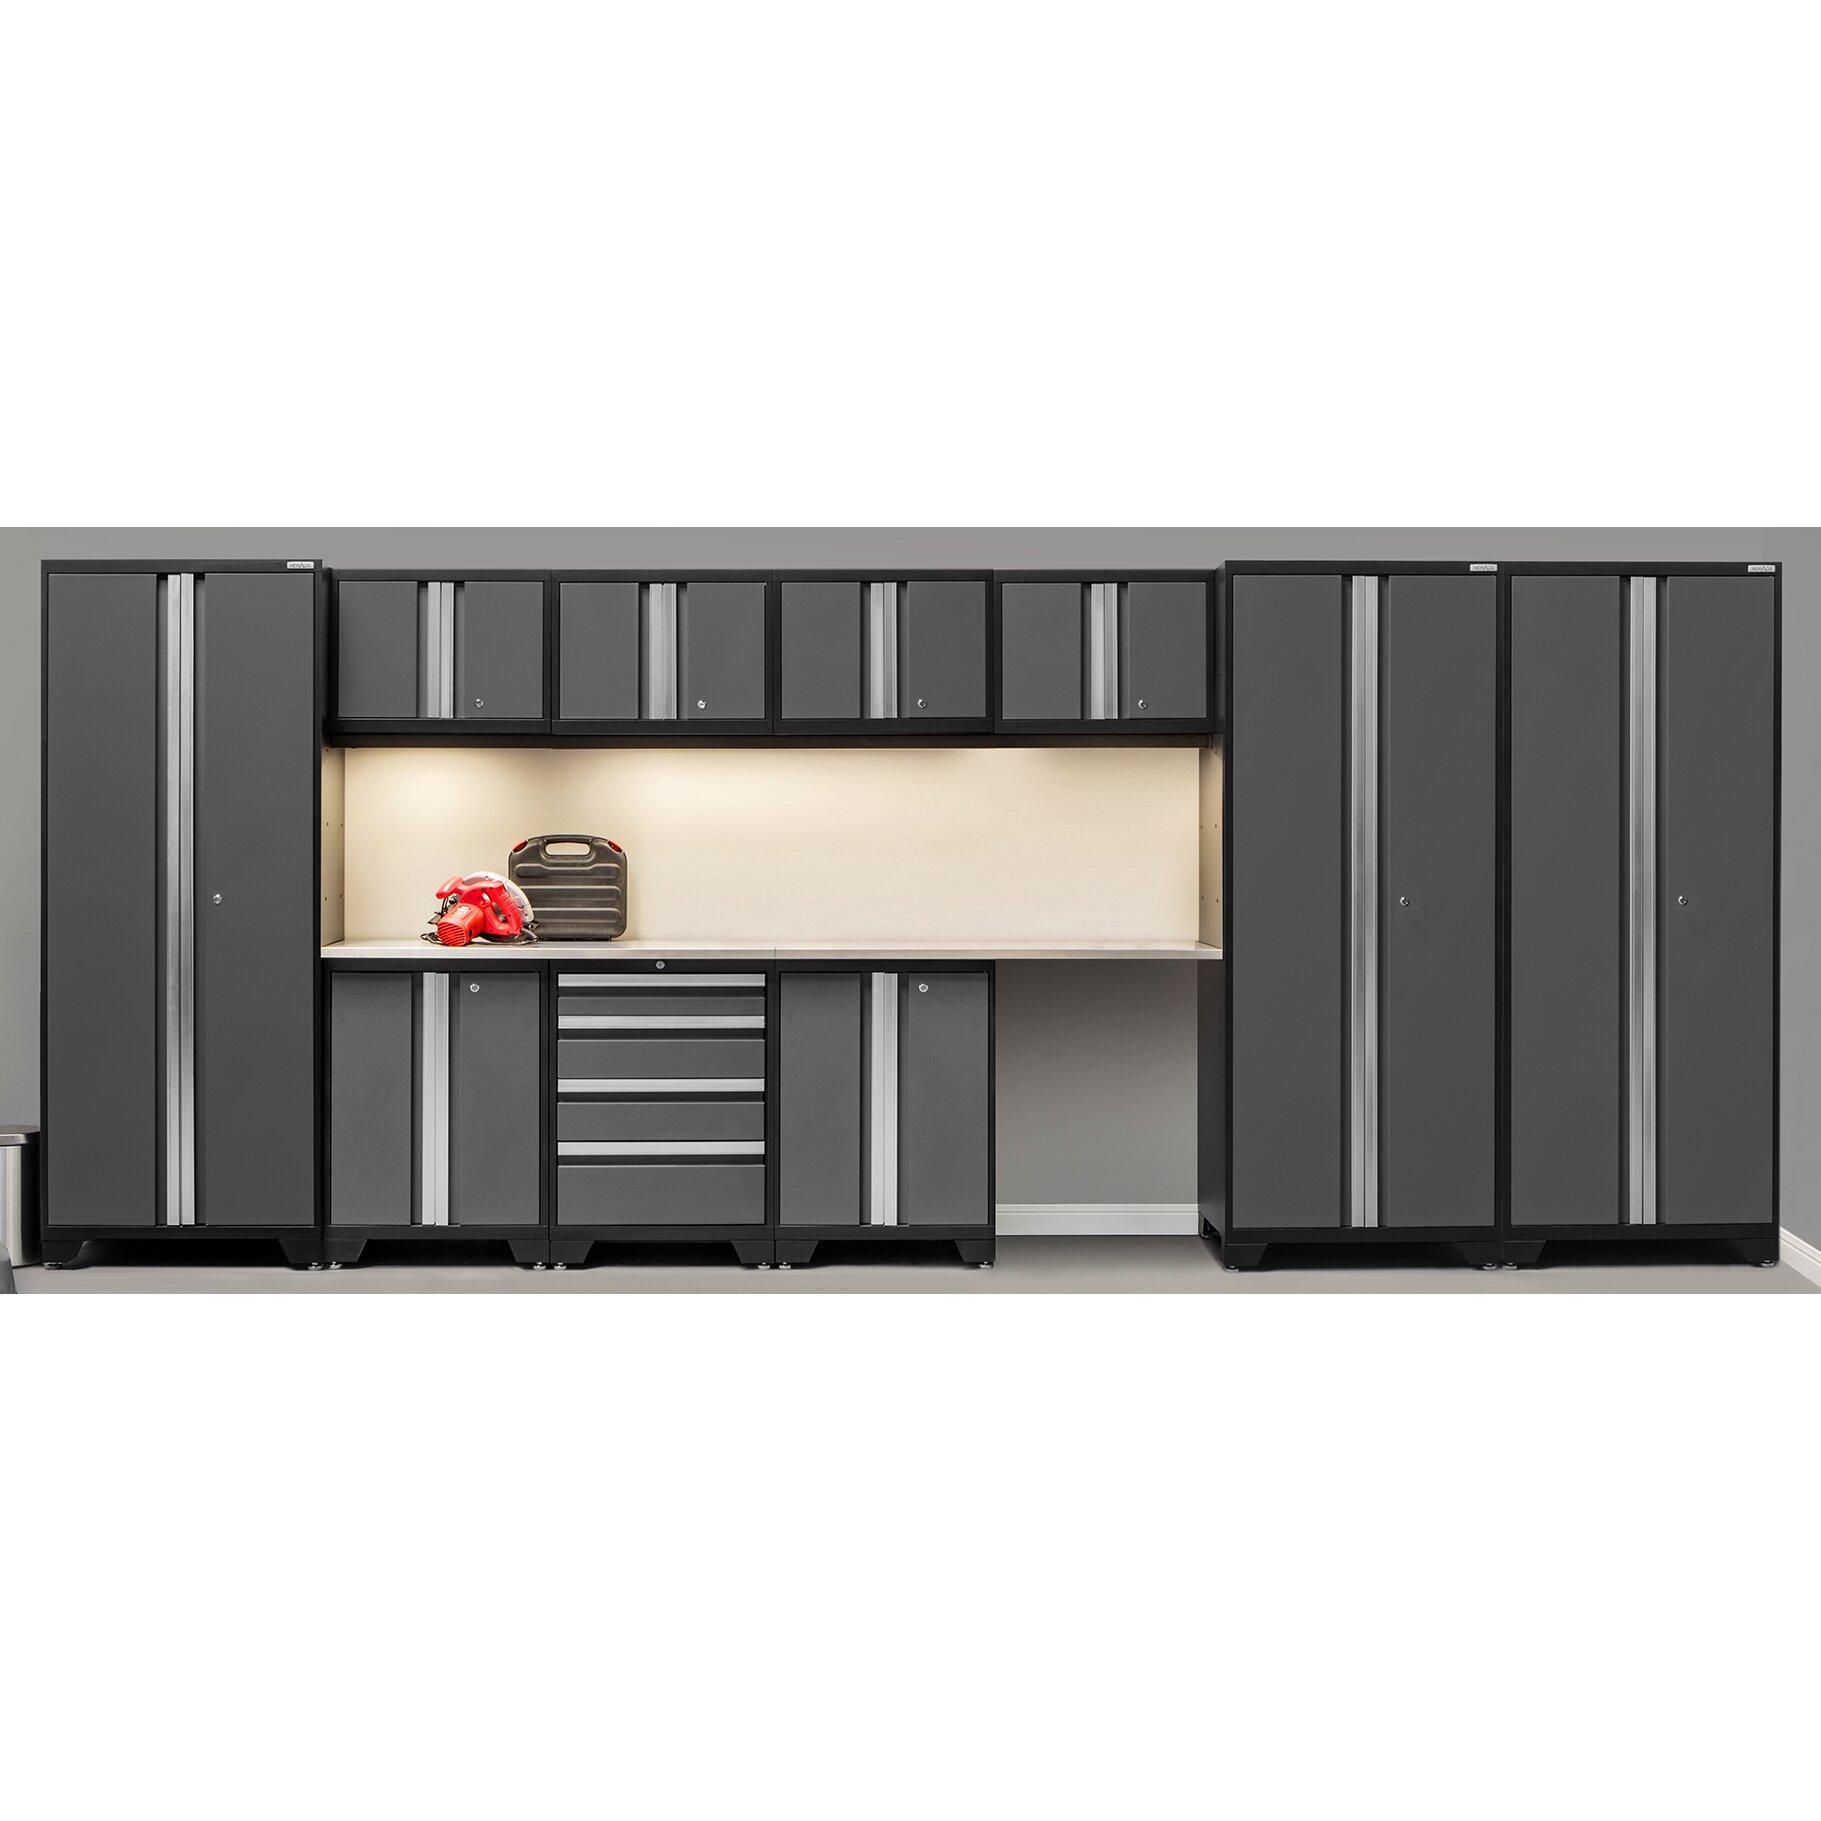 Bold 3 0 series 12 piece garage storage cabinet set with for 3 piece metal kitchen units